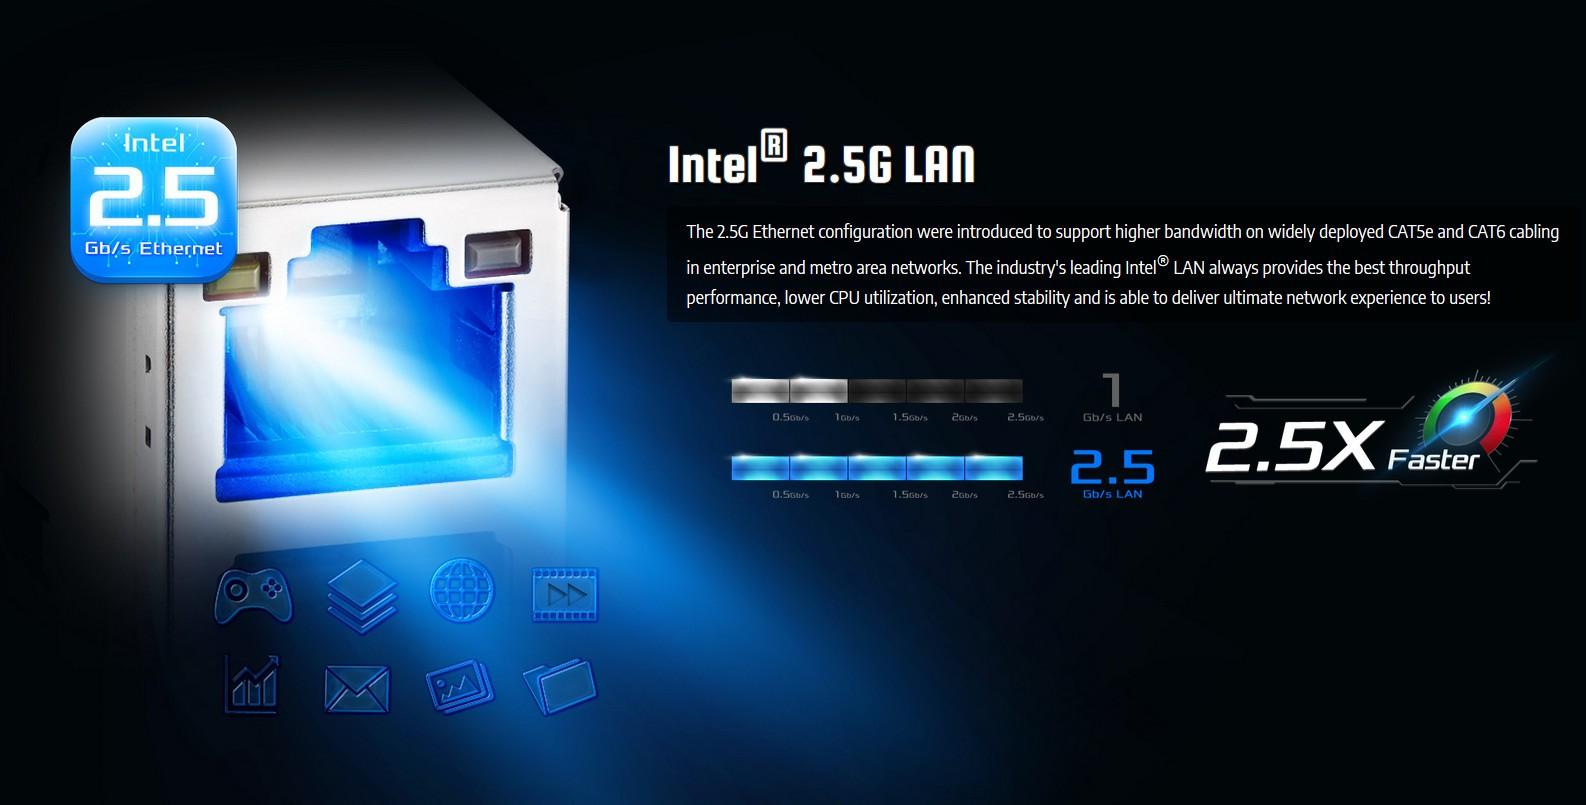 Intel® 2.5G LAN